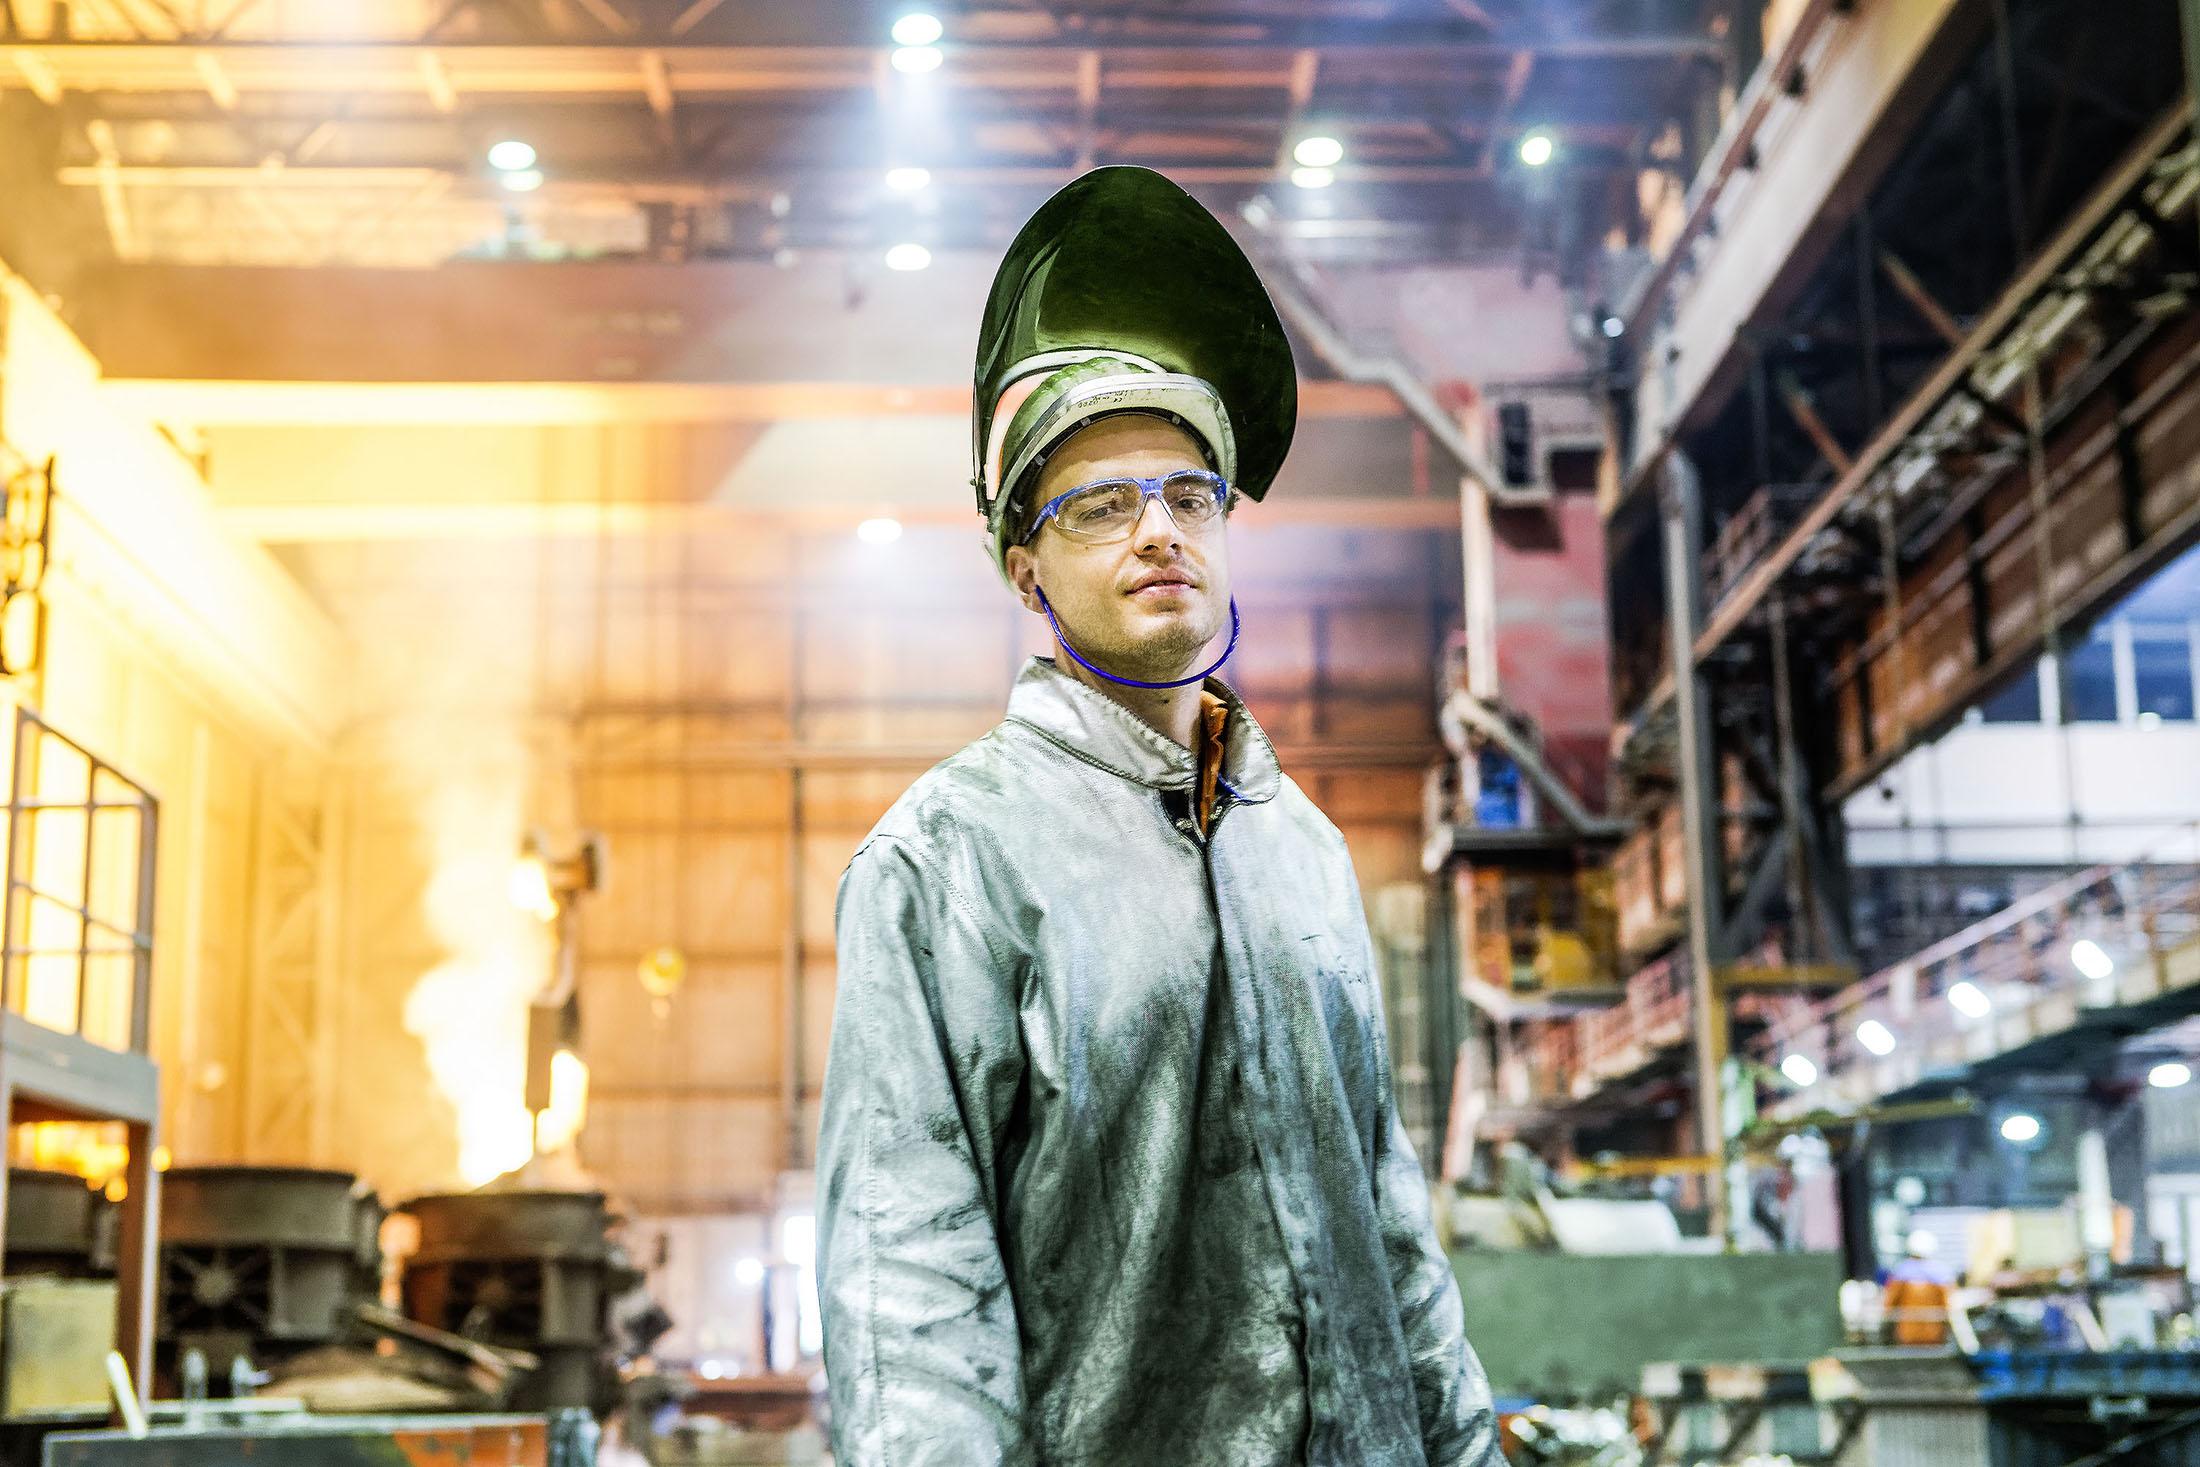 Industriefotografie_wolfram Schroll_industriefotograf_06